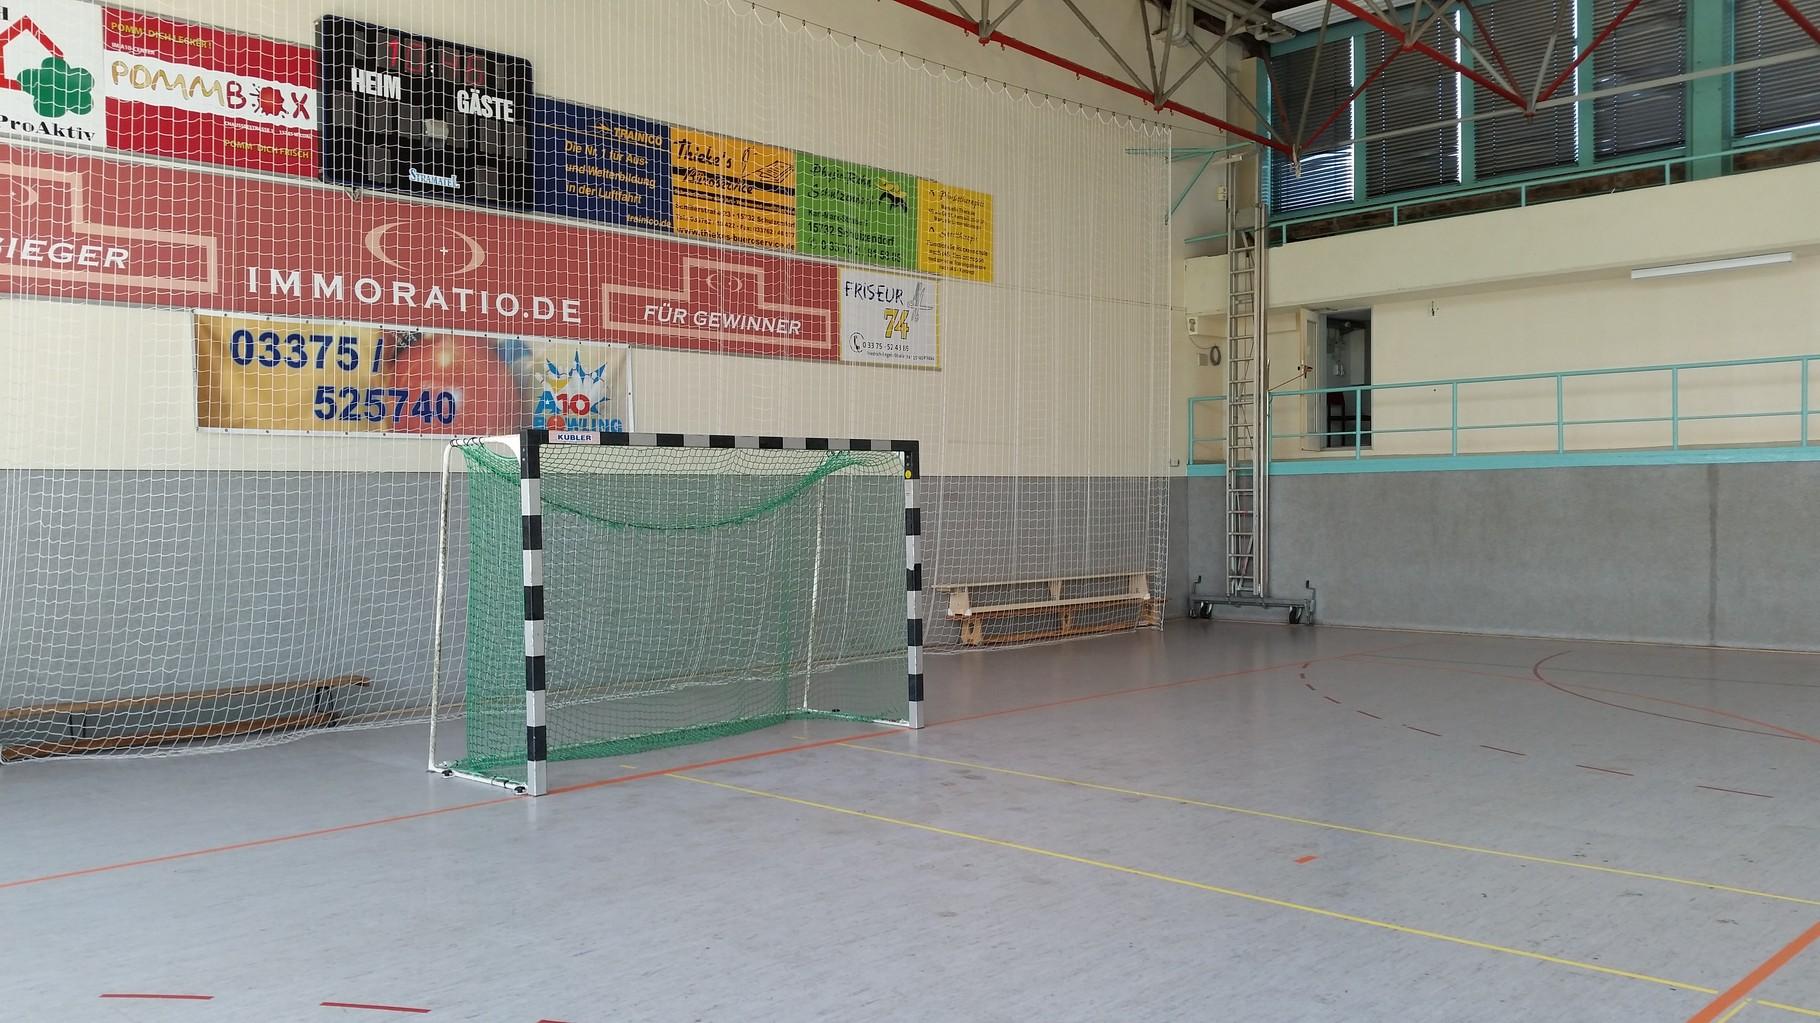 Handball-Tornetze und Ballfangnetze Sporthalle Wildau Berlin